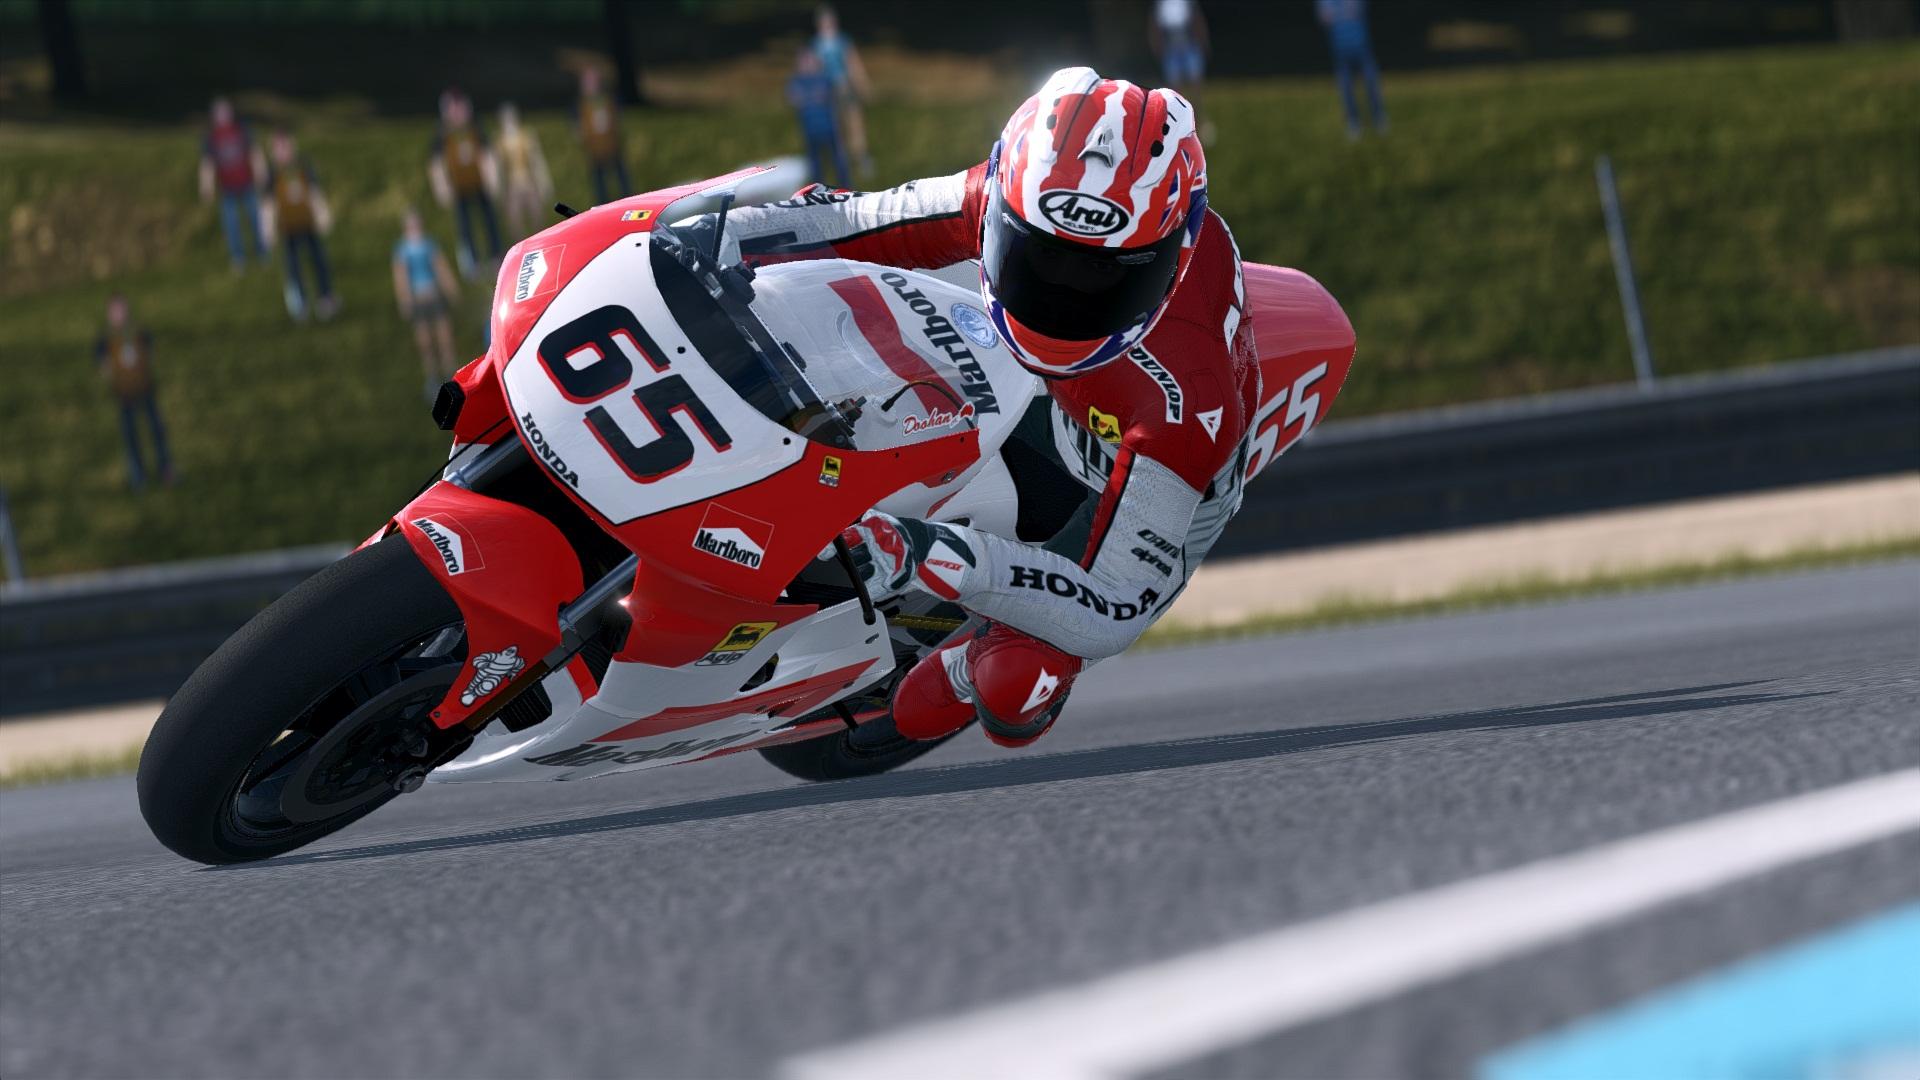 MotoGP14X64.exe_DX11_20141006_094059.jpg